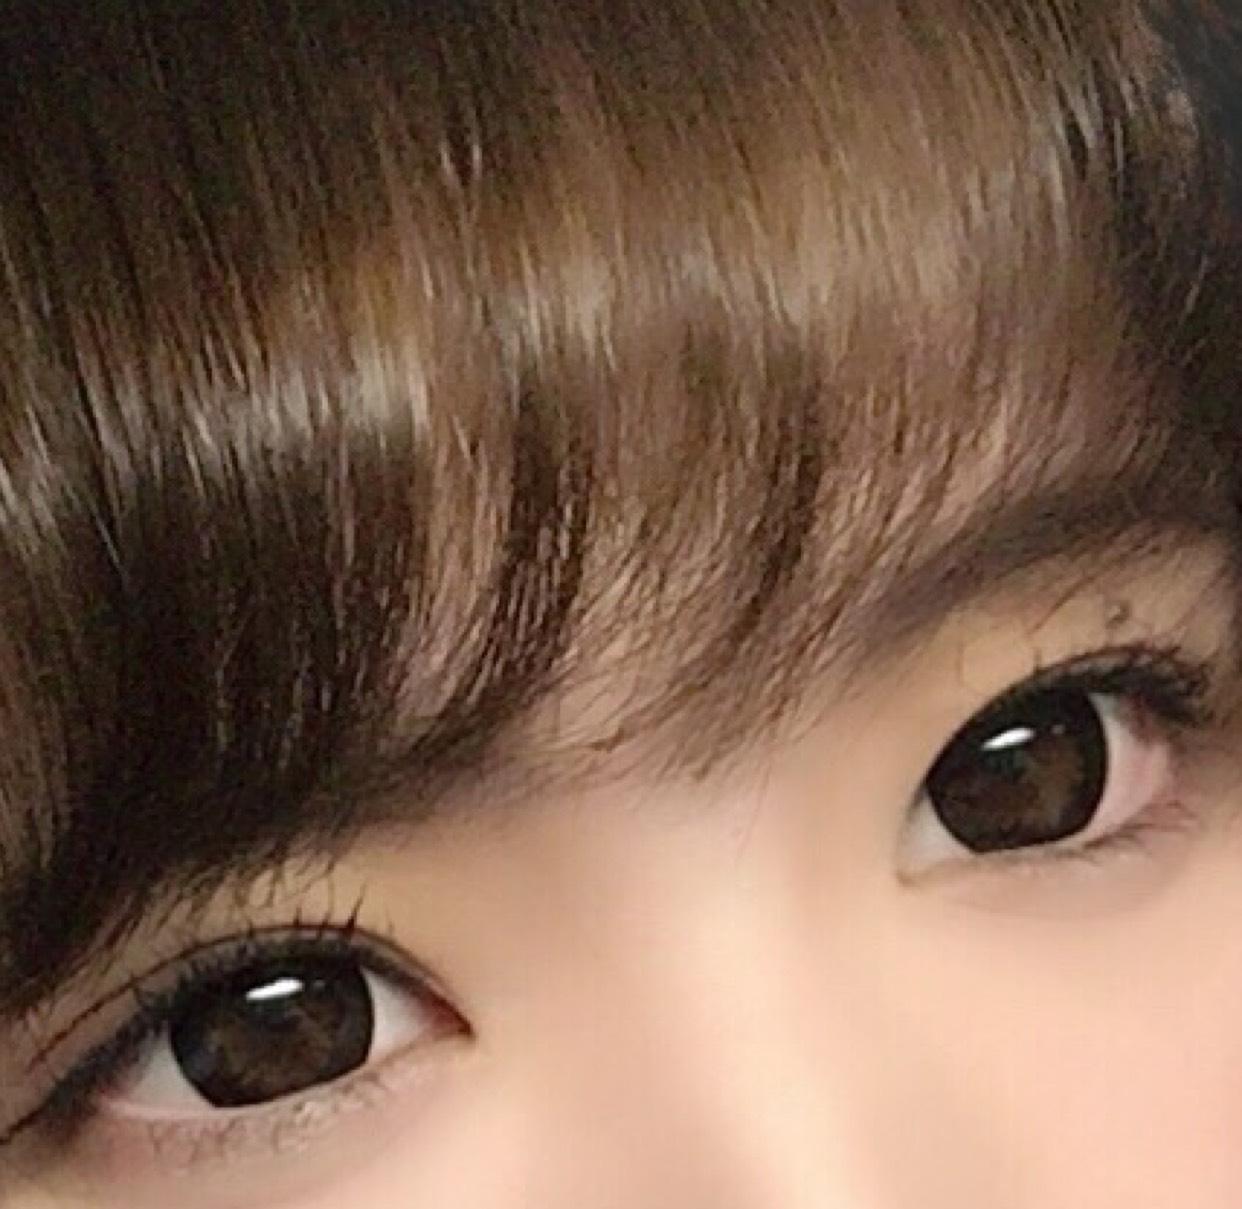 韓国っぽく(*ꆤ.̫ꆤ*)のAfter画像